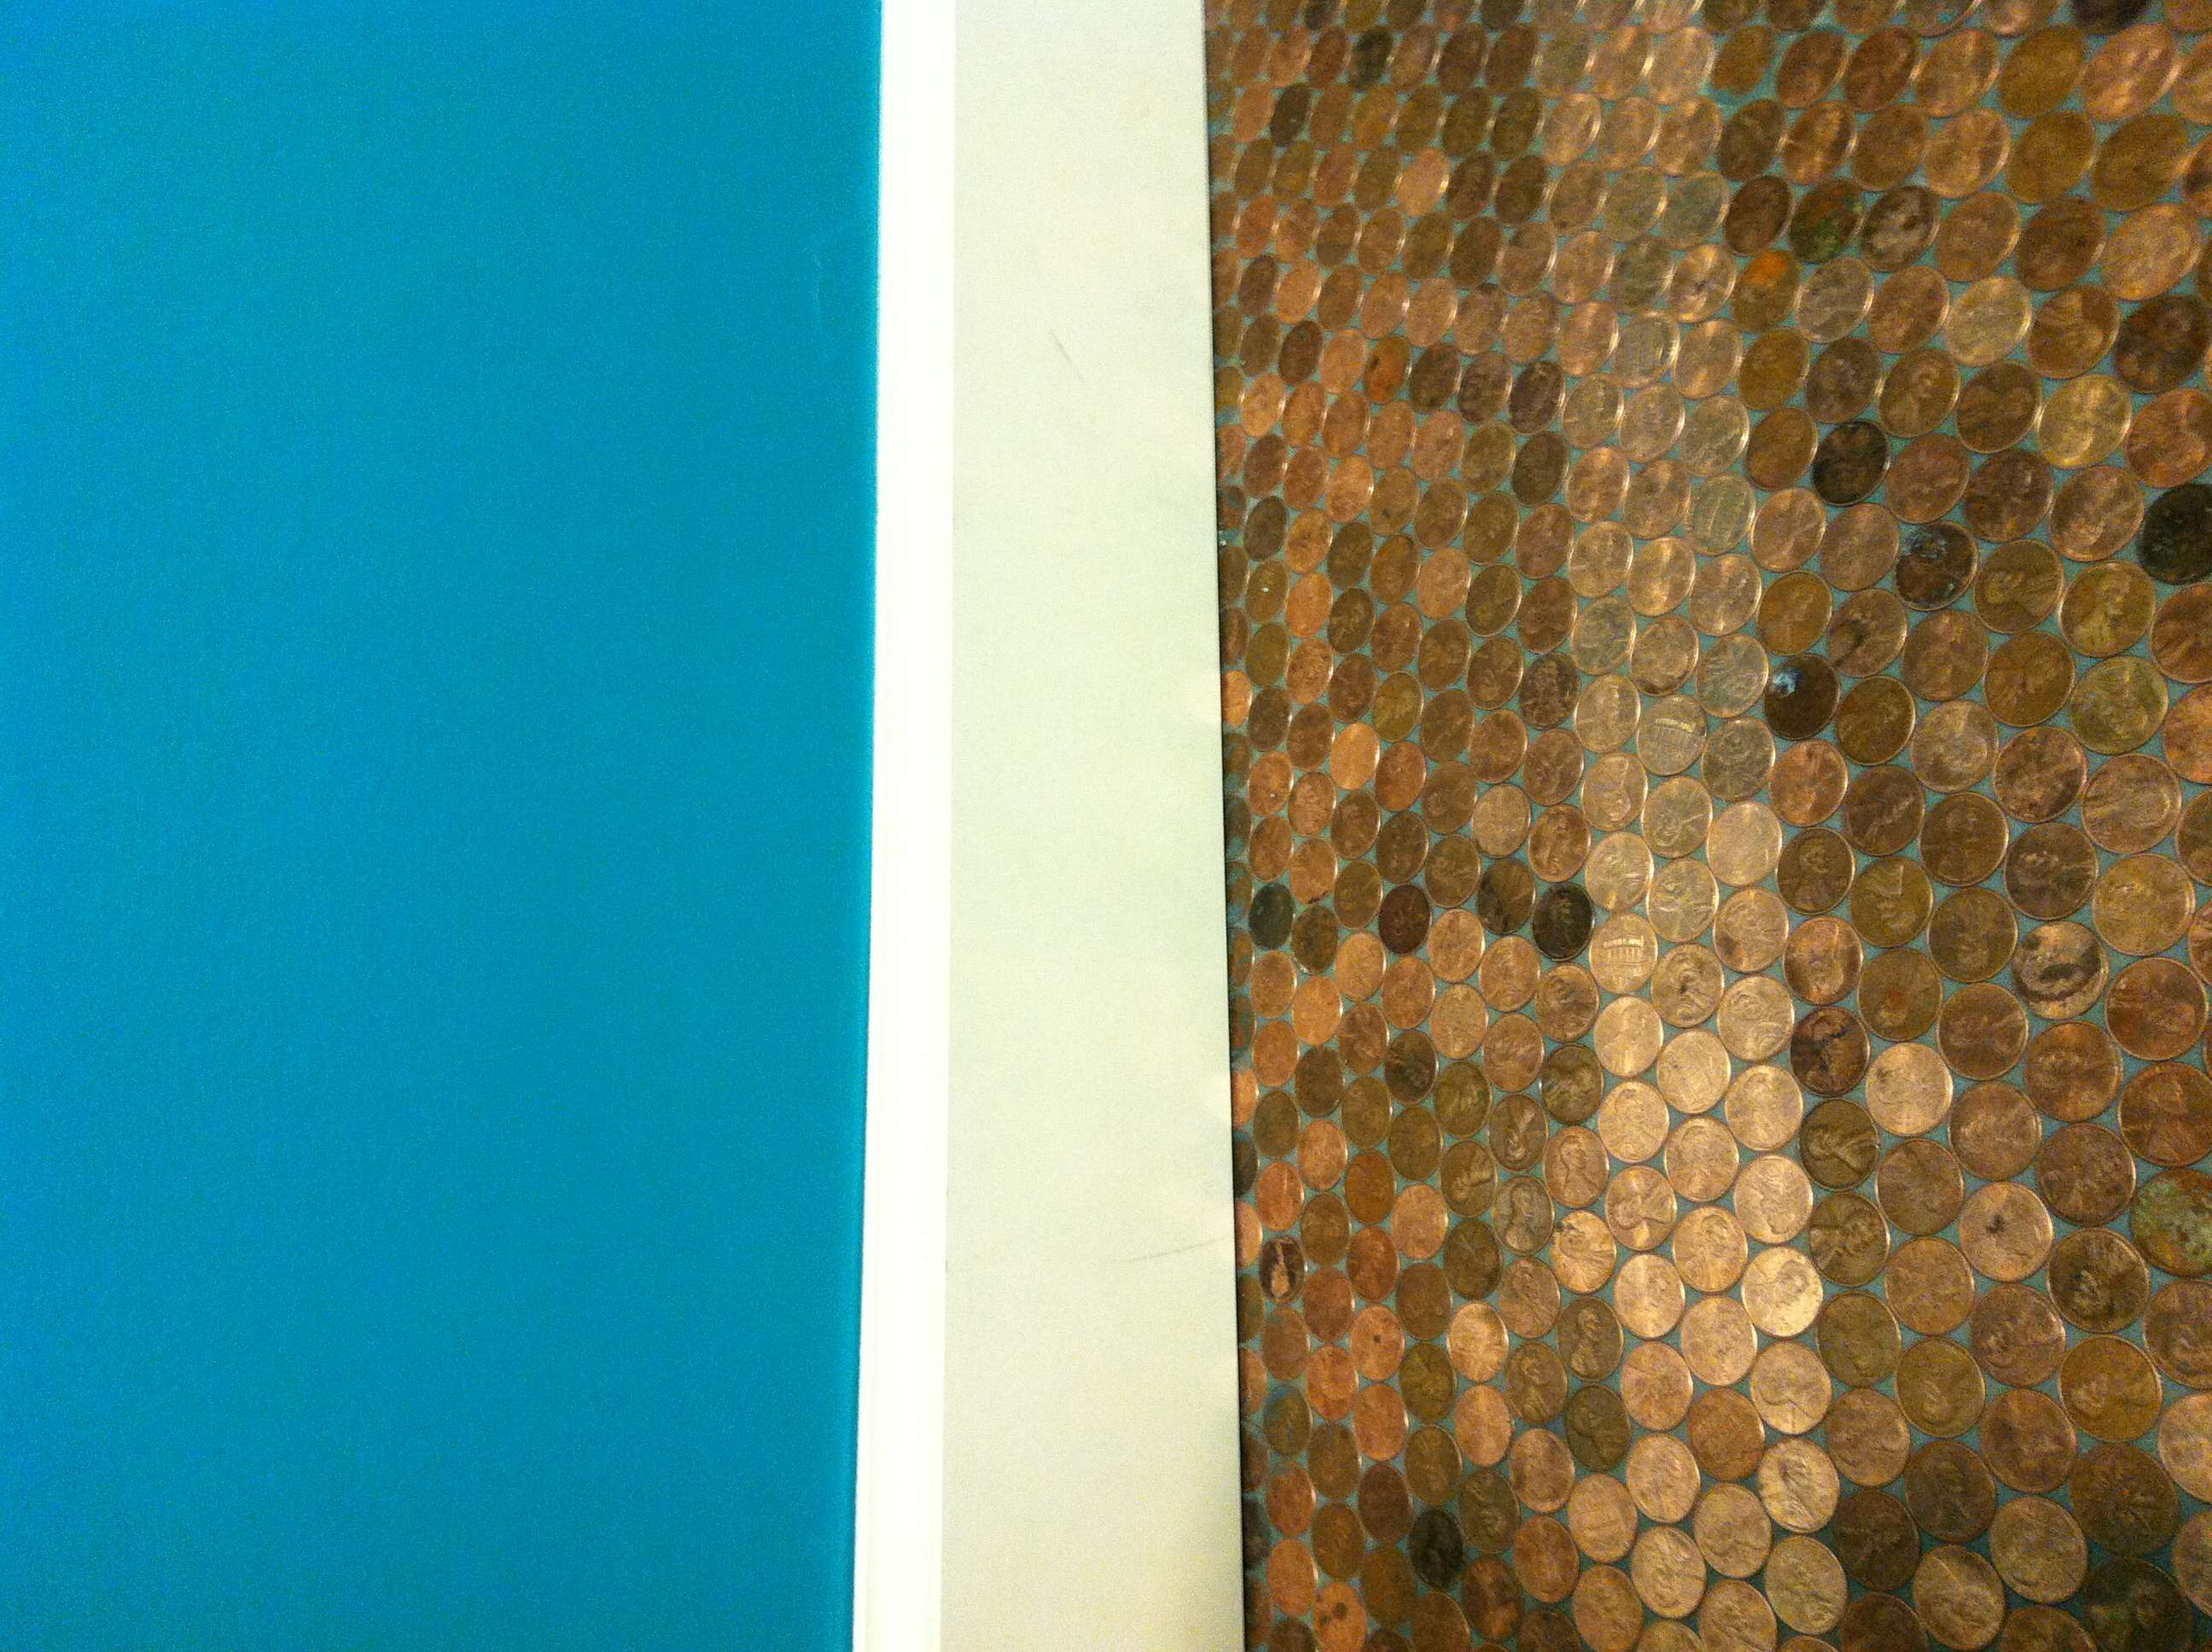 Teal Walls Copper Tile Flooring Fun Stuffs Pinterest